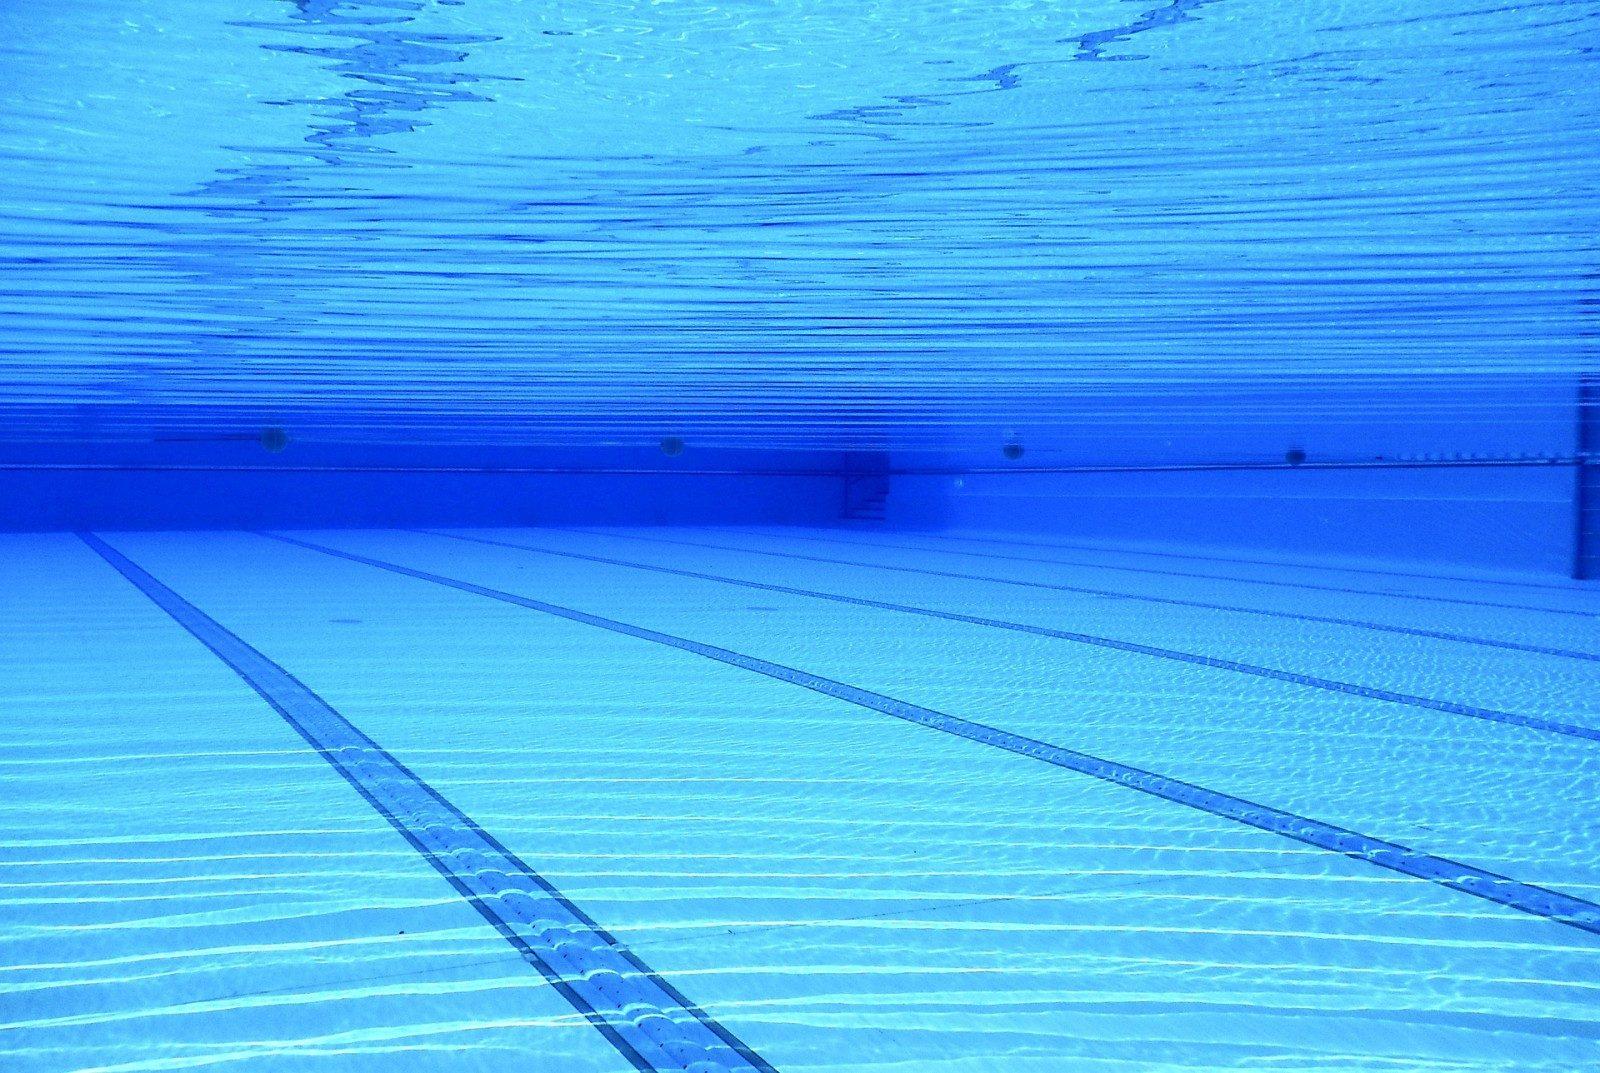 La piscine Belletanche à Metz fermée pendant 15 jours